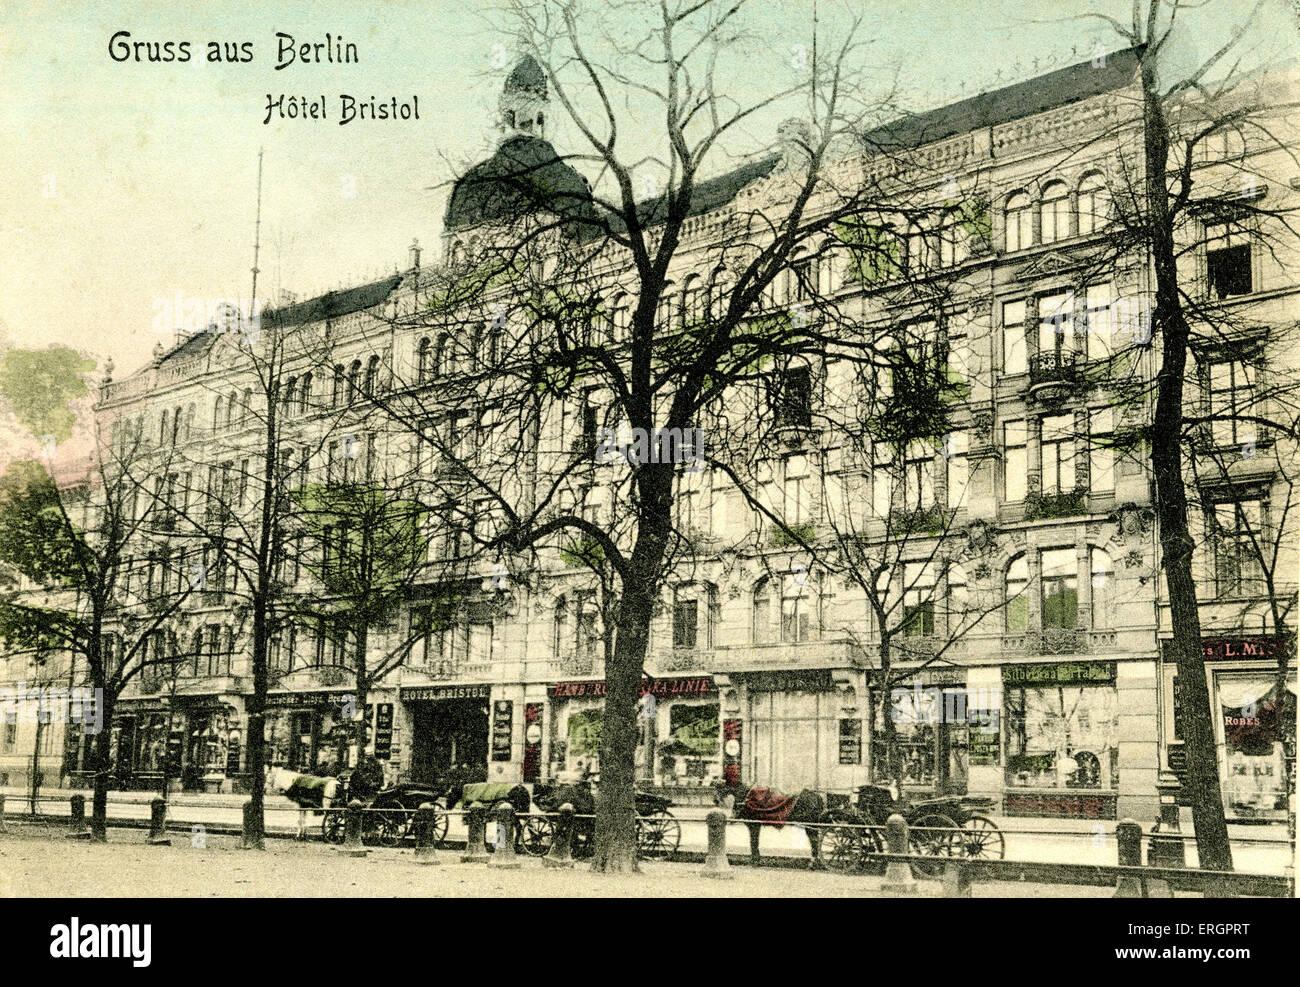 hotel bristol berlin deutschland anfang des 20 jahrhunderts blick auf die stra e stockfoto. Black Bedroom Furniture Sets. Home Design Ideas